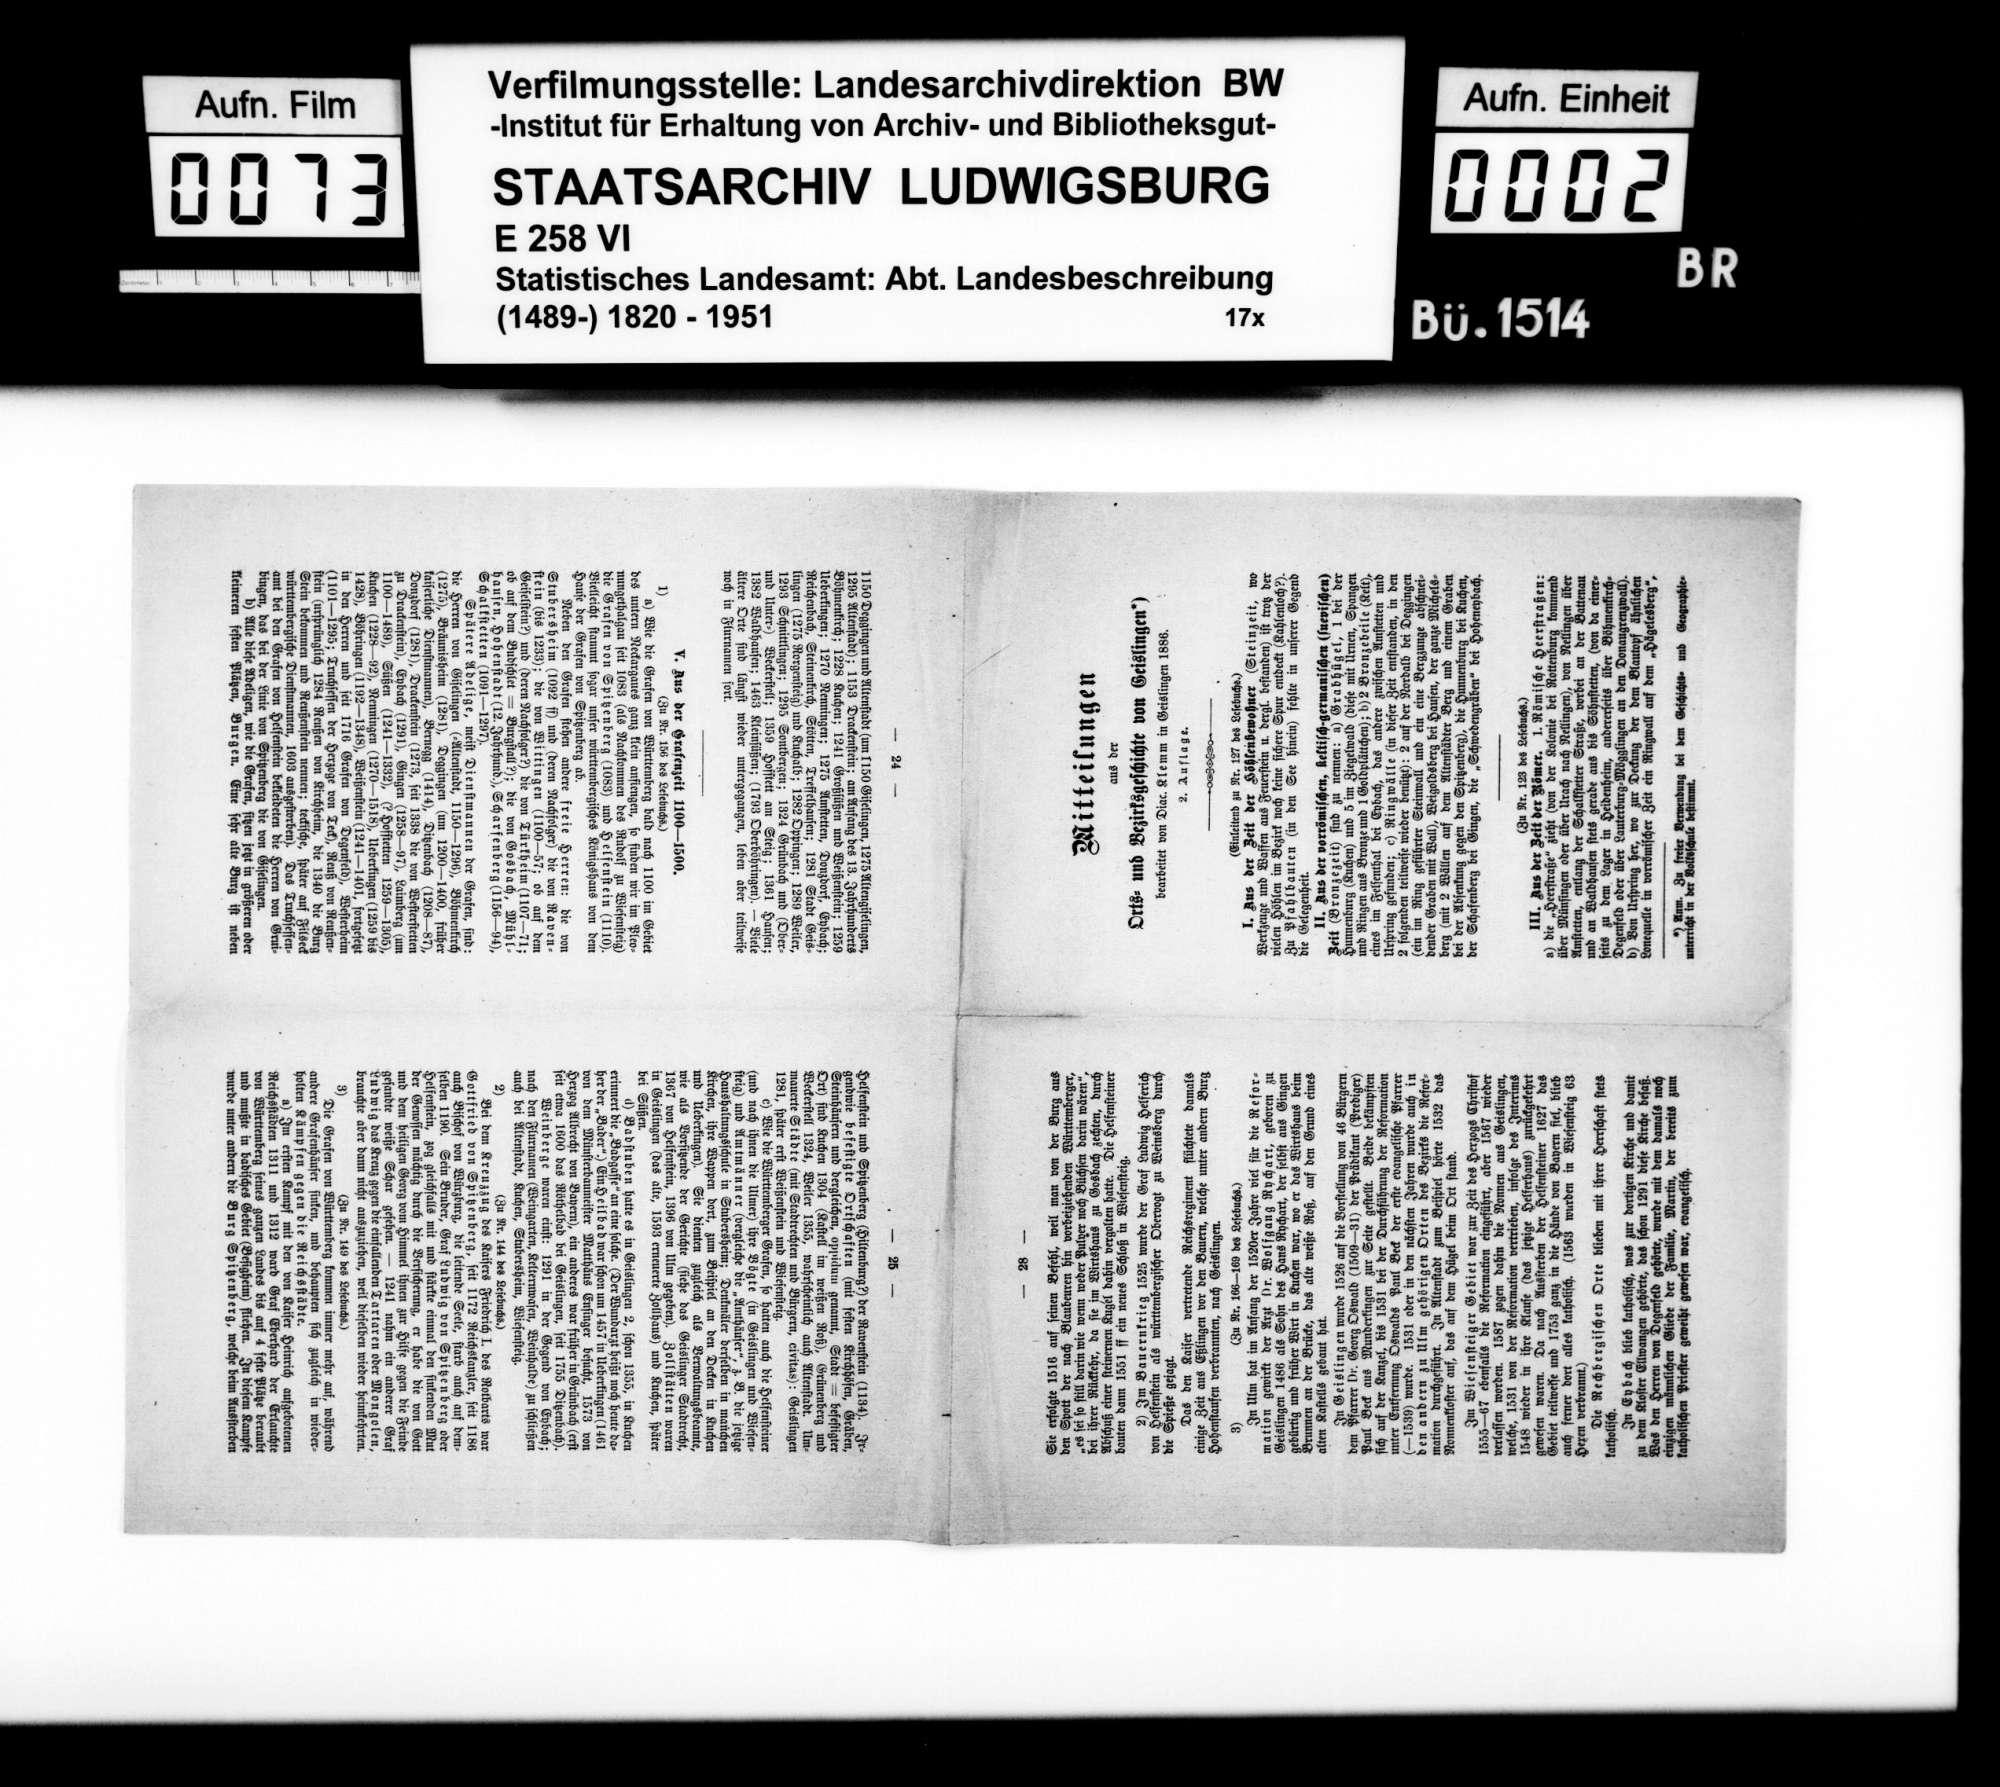 Sammlung gedruckten Materials v.a. zur Geschichte, für eine Neubearbeitung der OAB, Bild 1